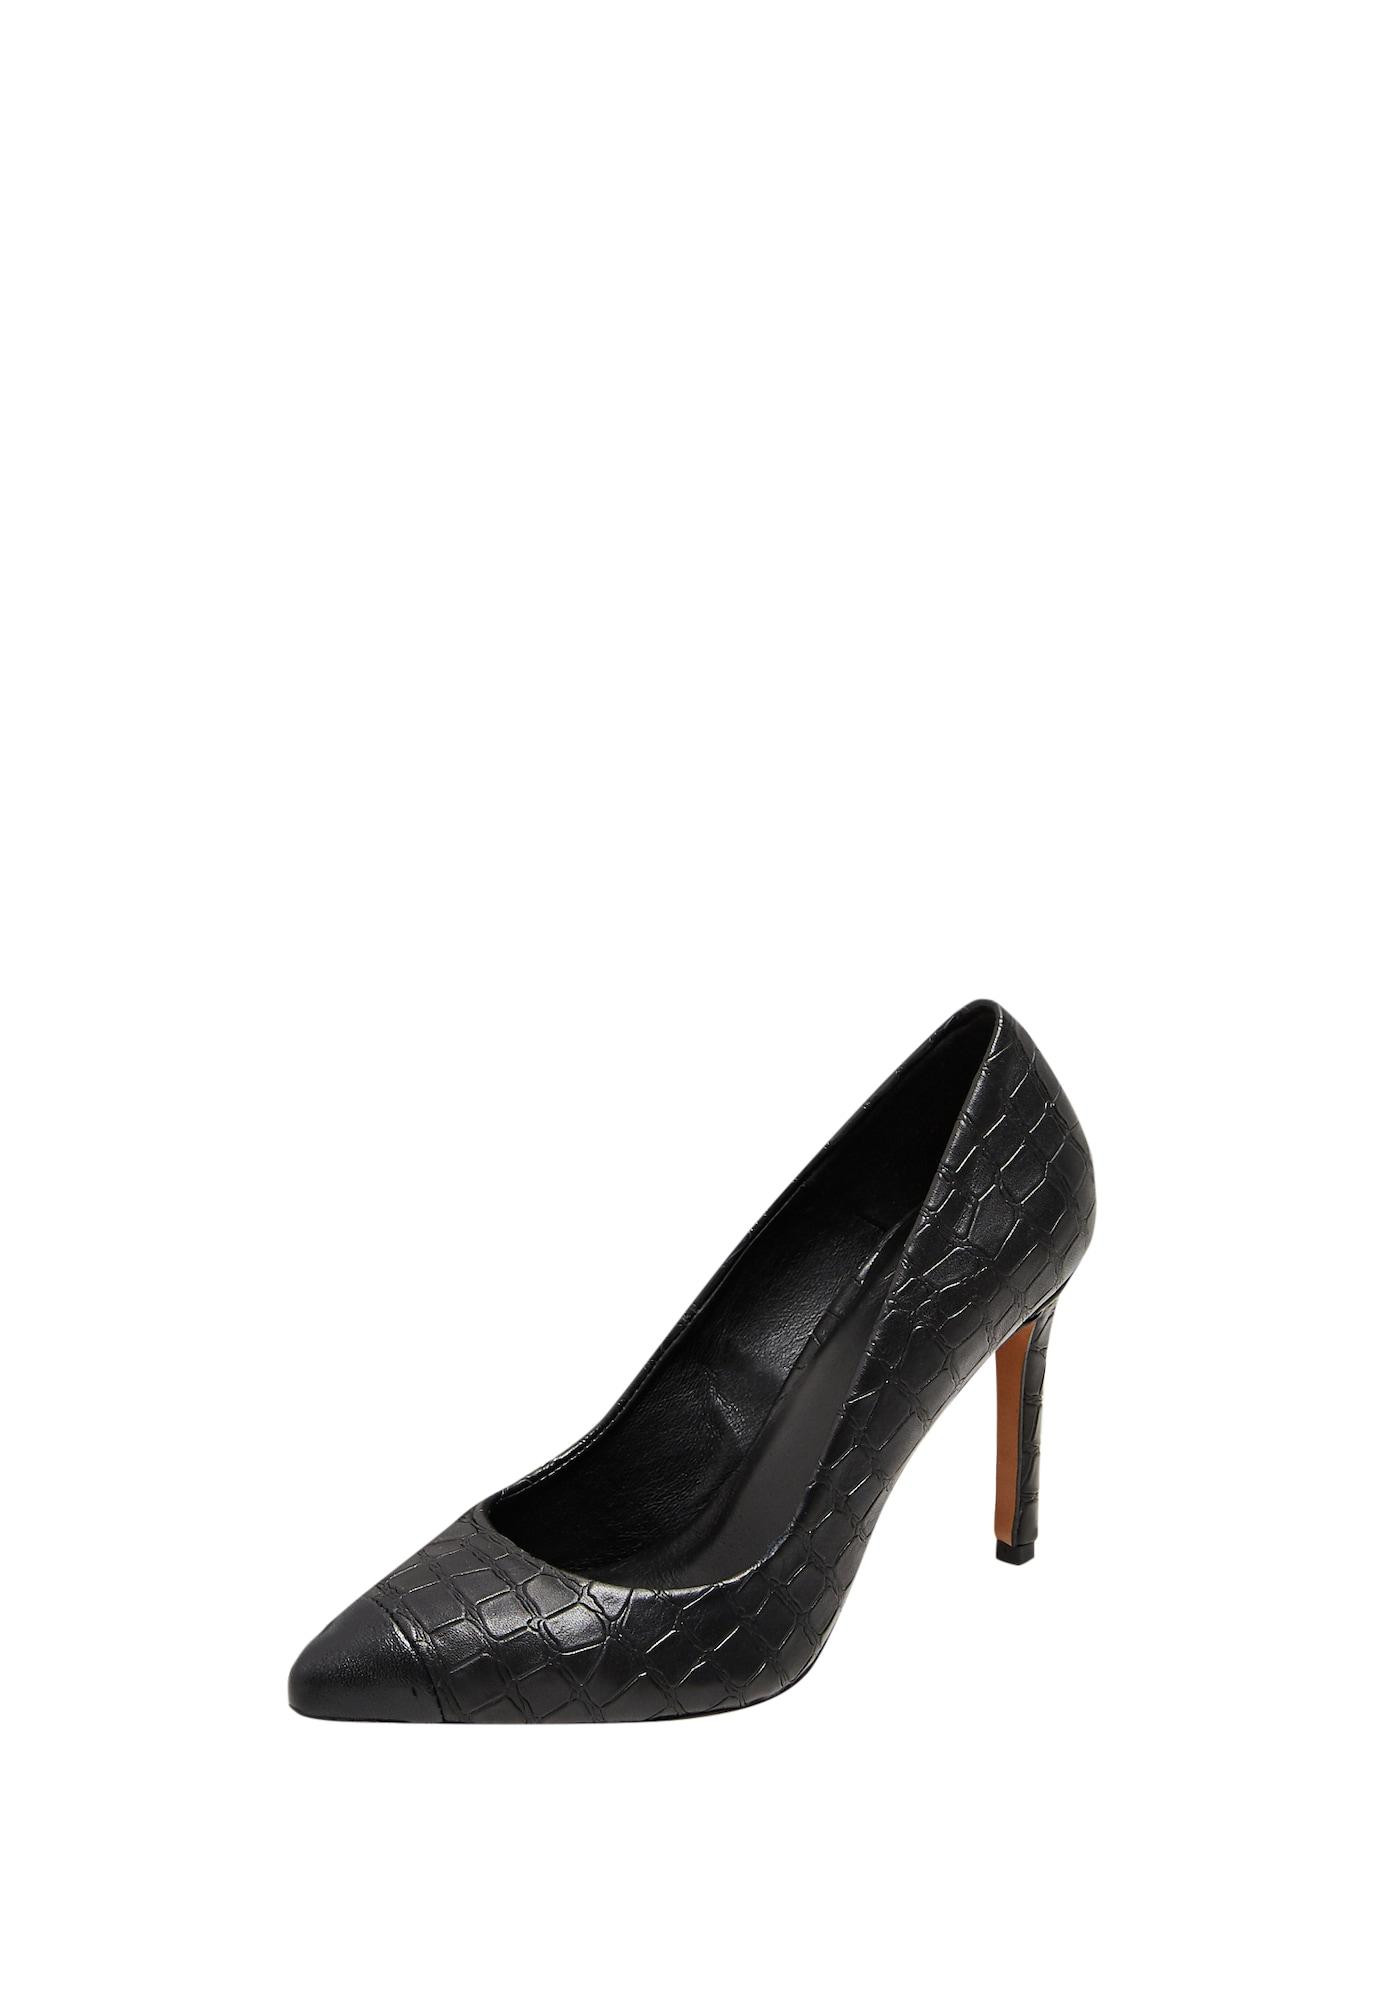 faina High-Heel-Pumps | Schuhe > High Heels > High Heel Pumps | Schwarz | Faina